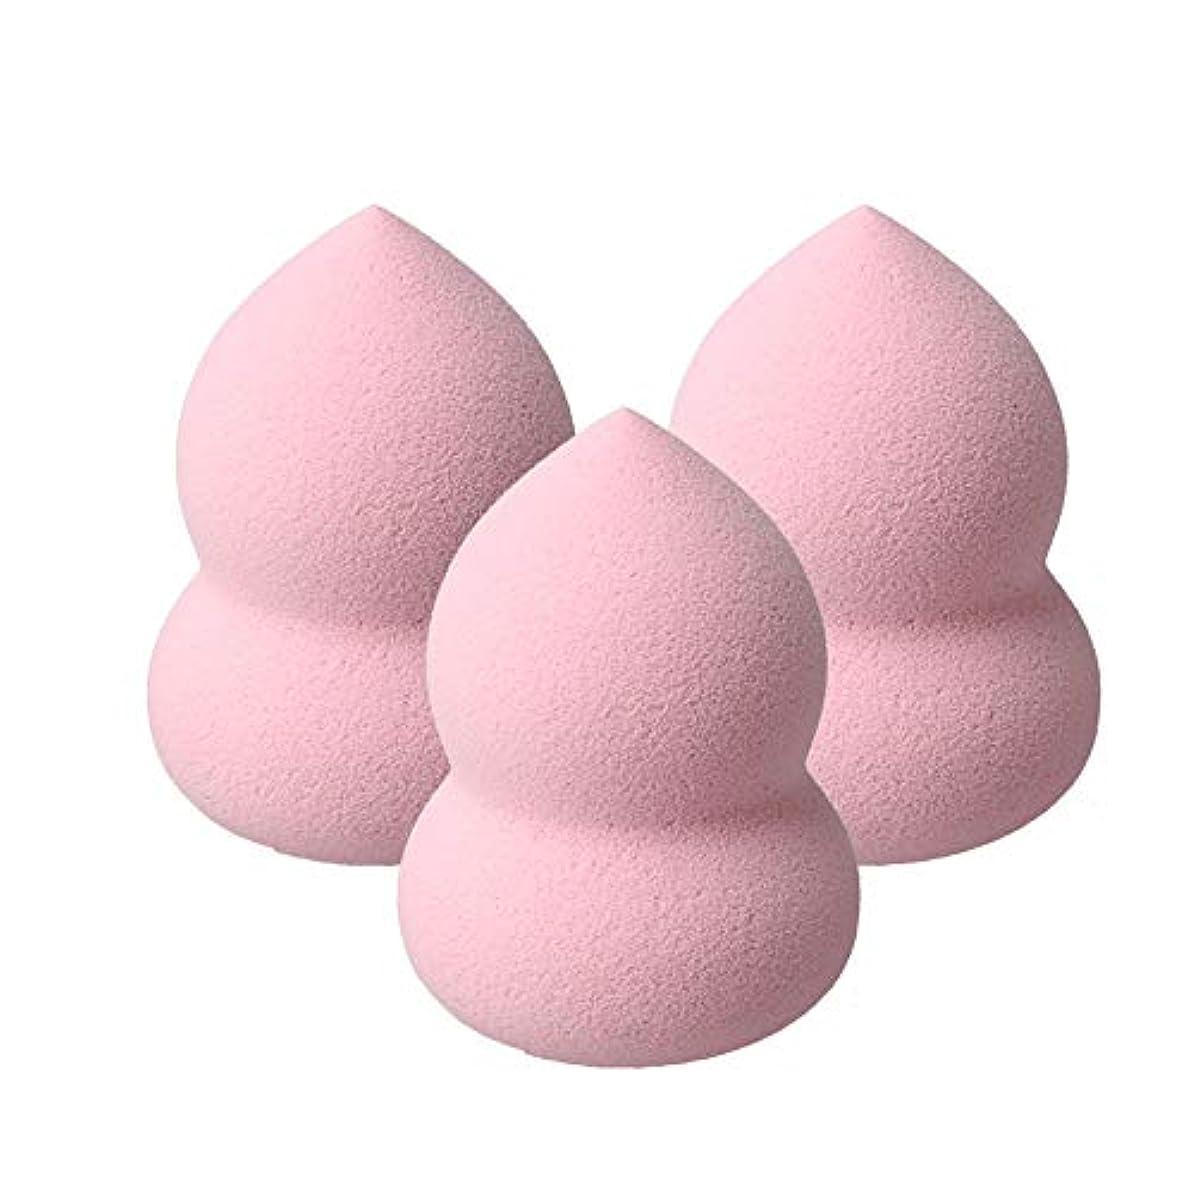 飢饉モジュールメカニックKaittyoffice 3個入 メイクスポンジ ひょうたん型 化粧パフ ファンデーション BBクリーム もちもち ピンク